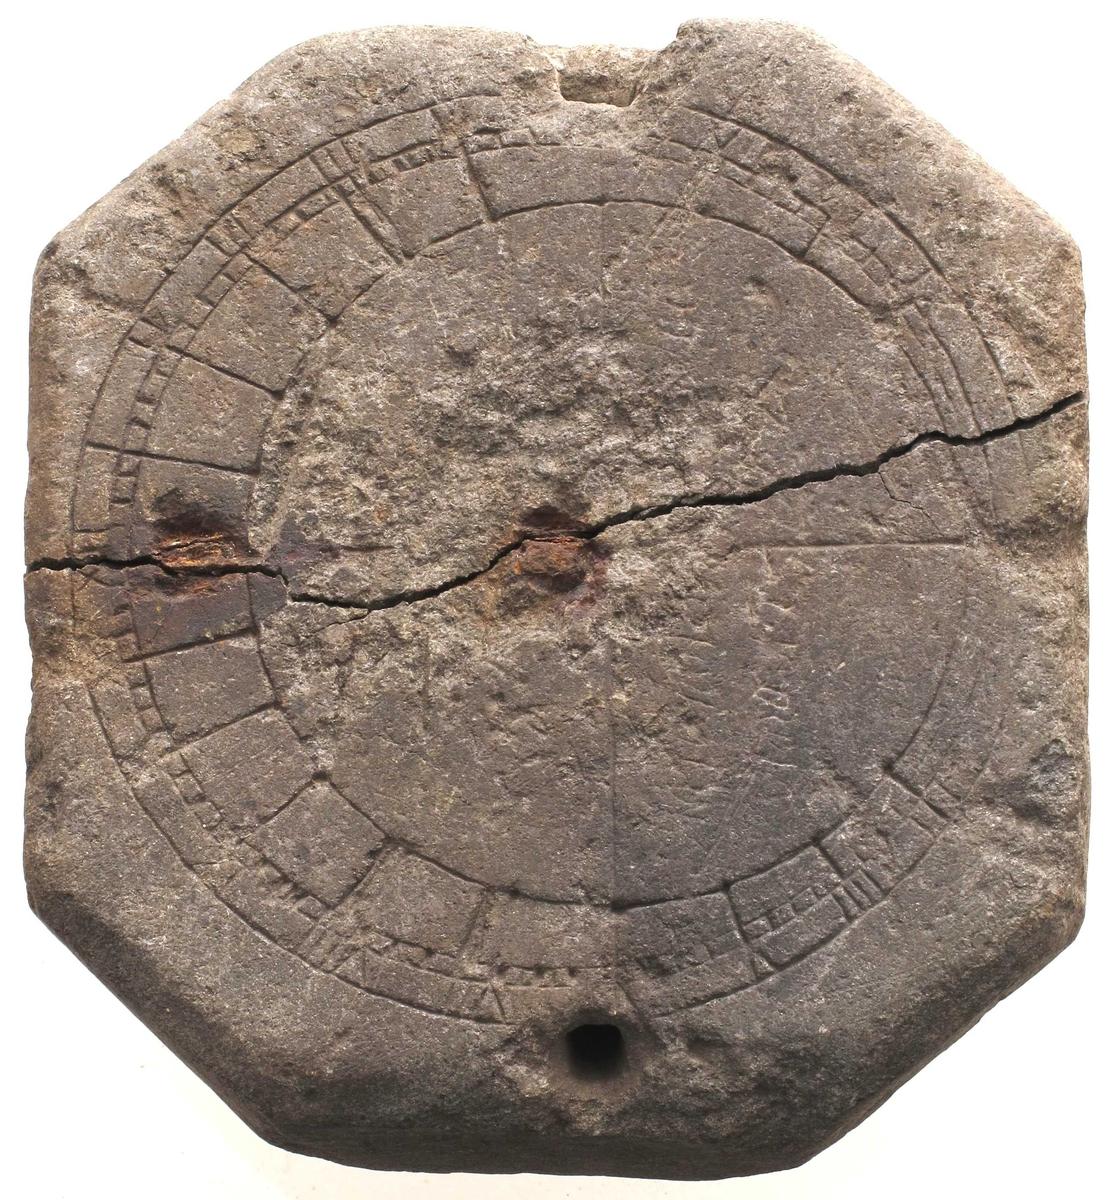 Tykk, flat 8-kantet  stein med et inndelt   sirkelbånd   innskåret  langs kanten, avslitt særlig i høyre  halvdel. Et gjennomgående hull oppe og nede.  Tilstand: Stor sprekk tvers over midten, to rustne   jern  nagler som er satt på til forsterkning. Stål  tråd festet i øvre hull.